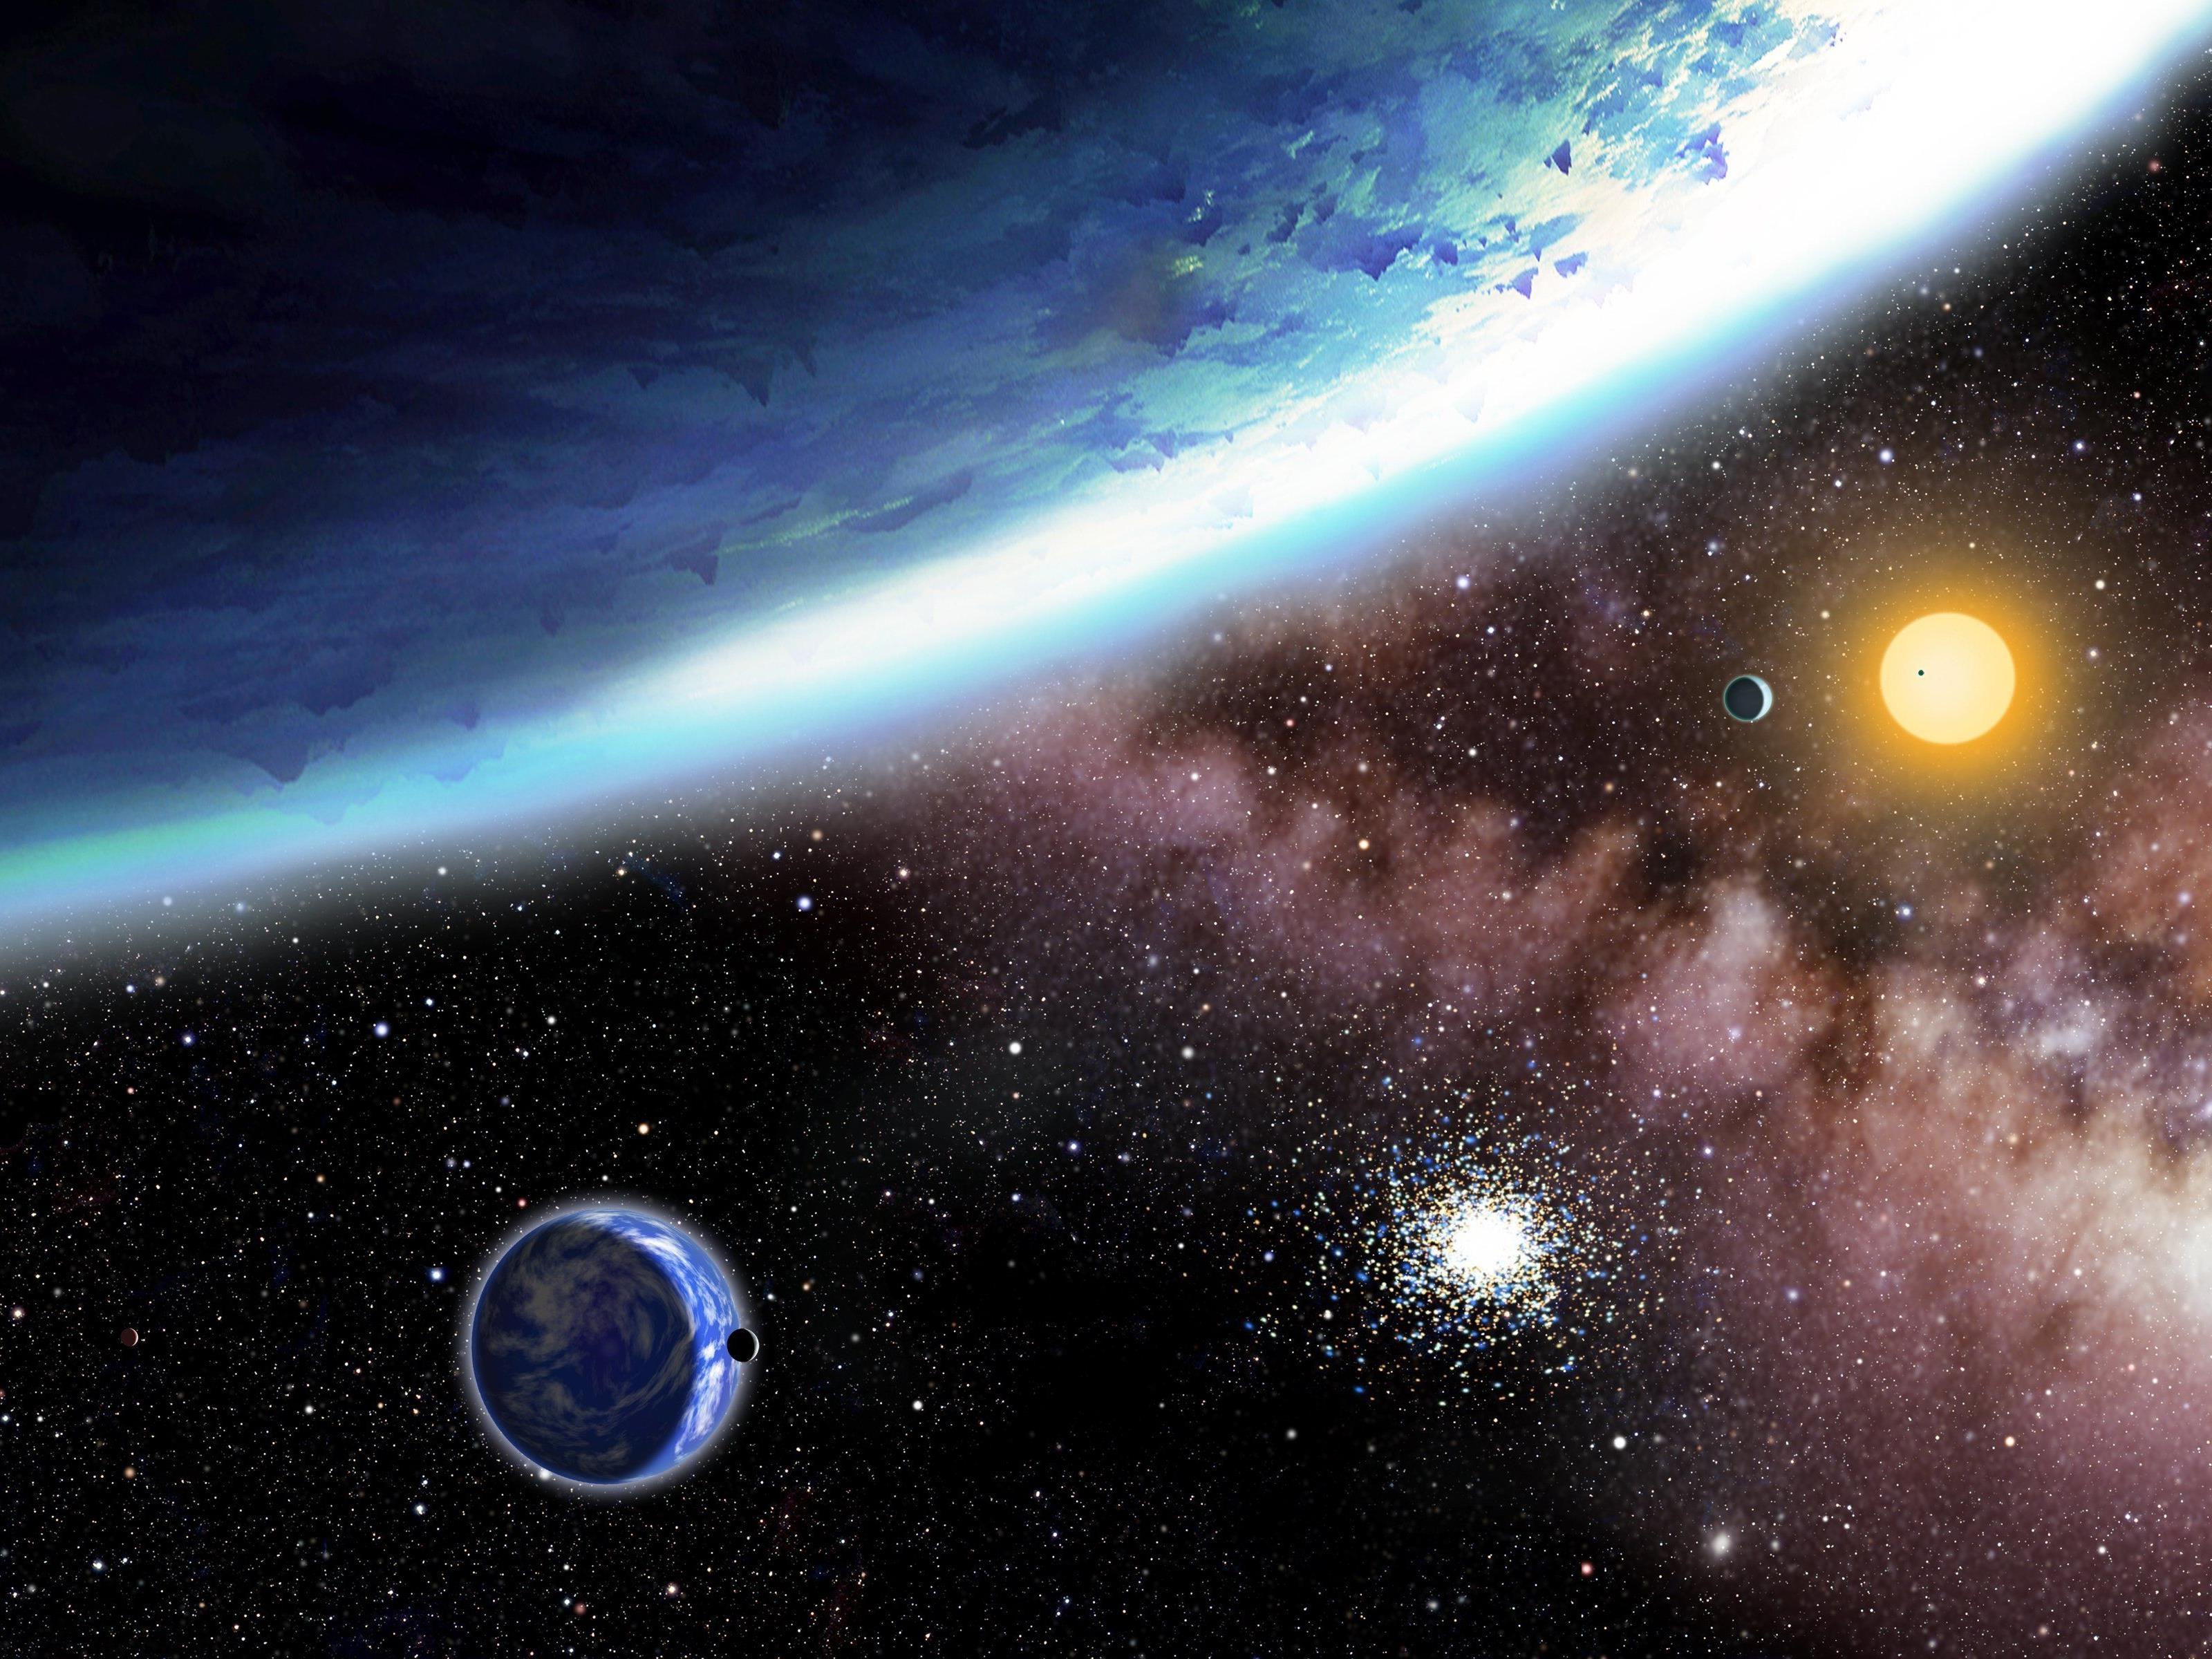 Intelligente außerirdische Lebewesen gibt es: Das meinen 56 Prozent der Befragten.